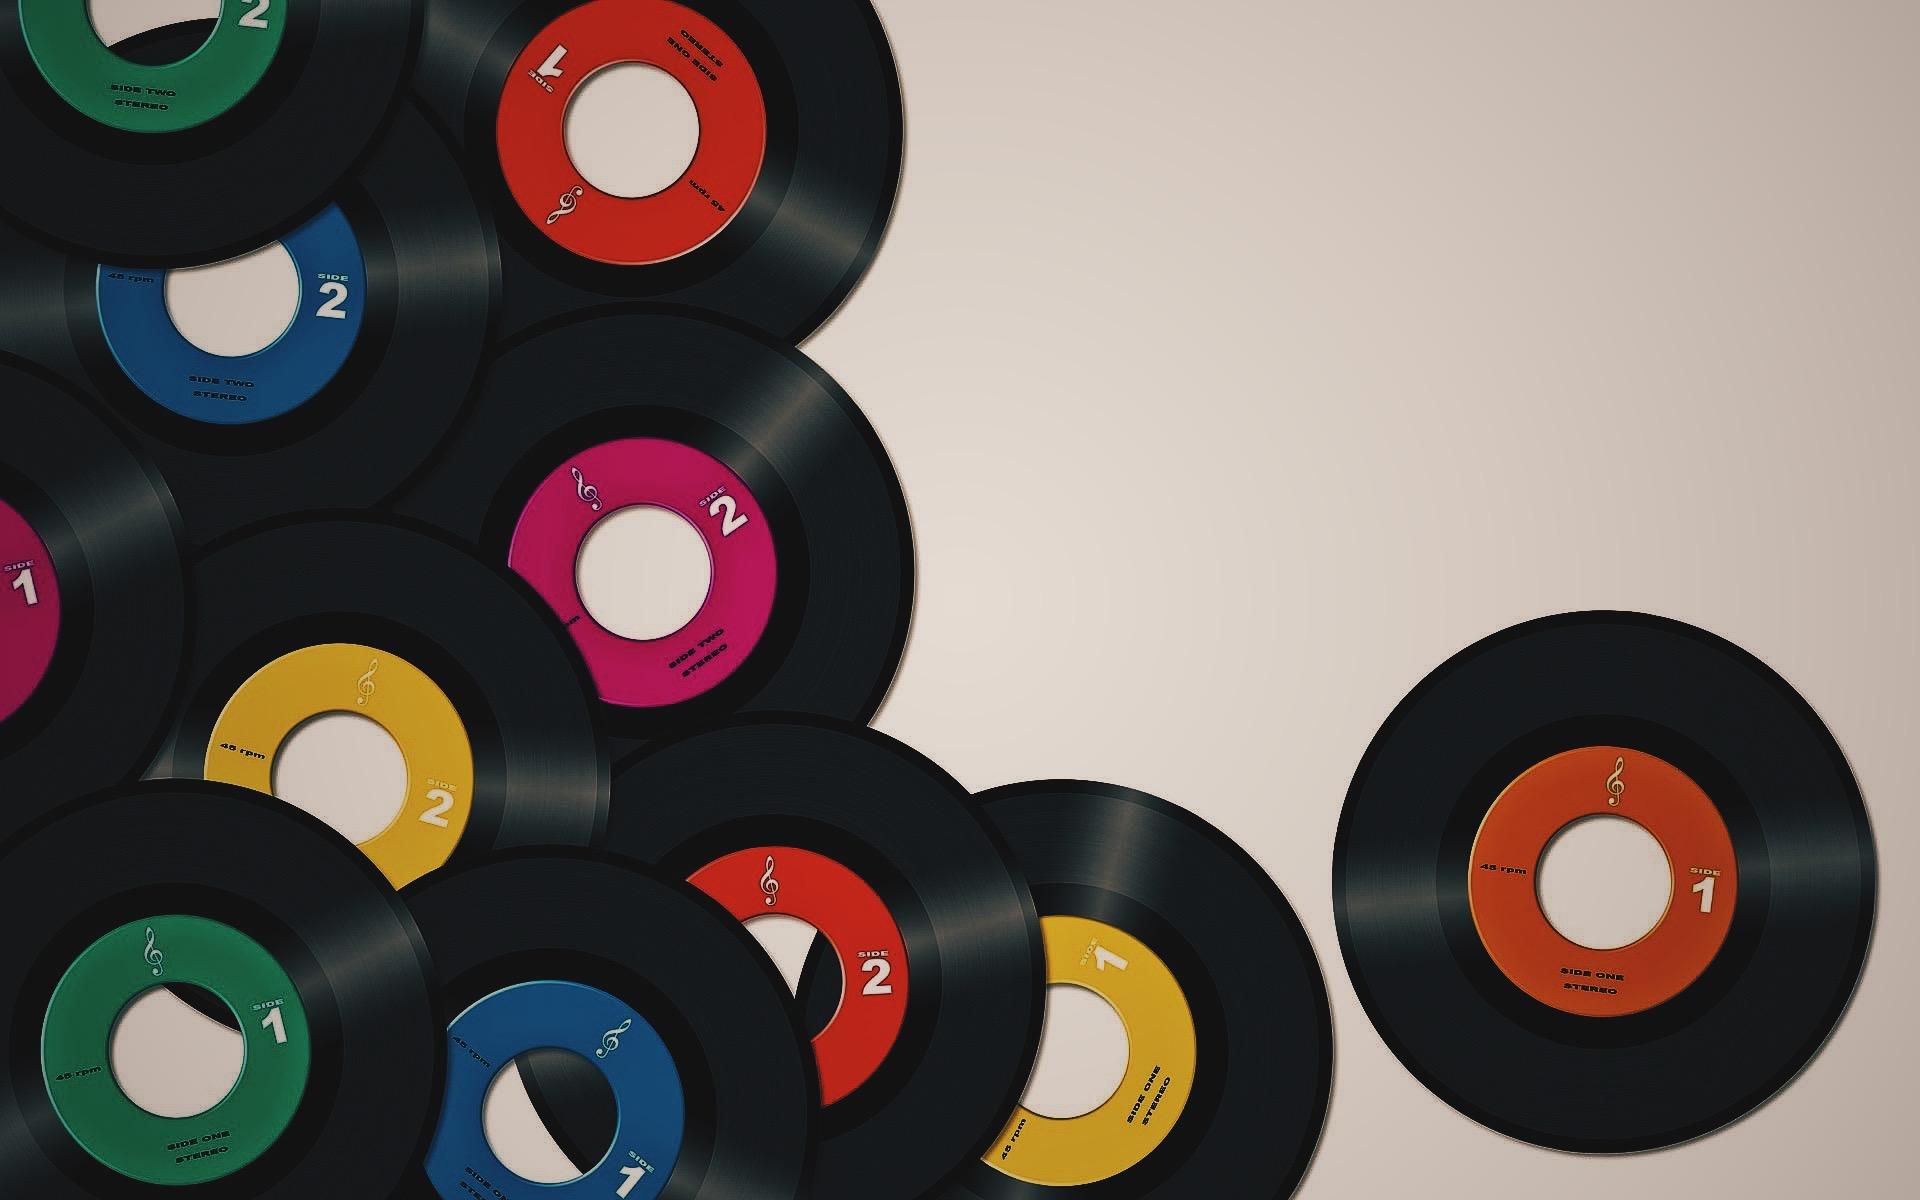 新しい音楽を検索するための4つのポイント